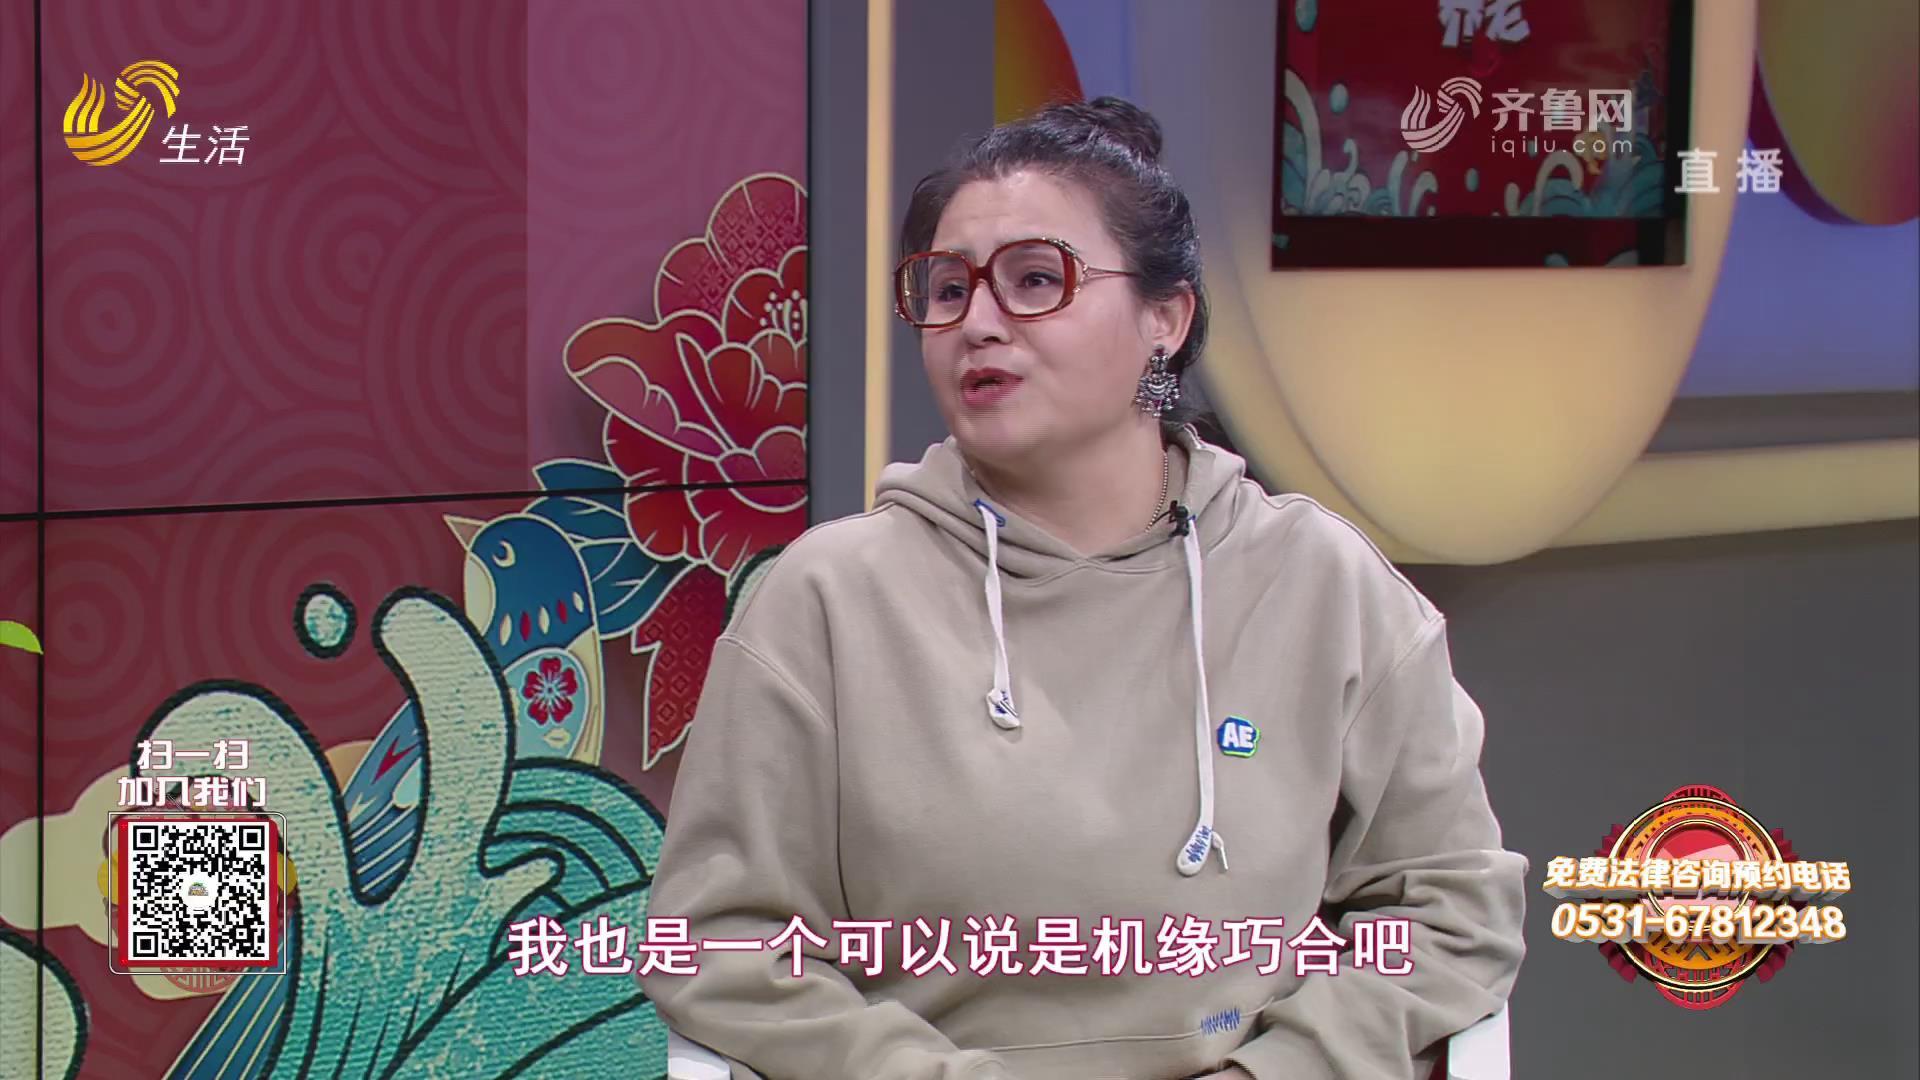 中国式养老- 木木:阳光生活 快乐每一天